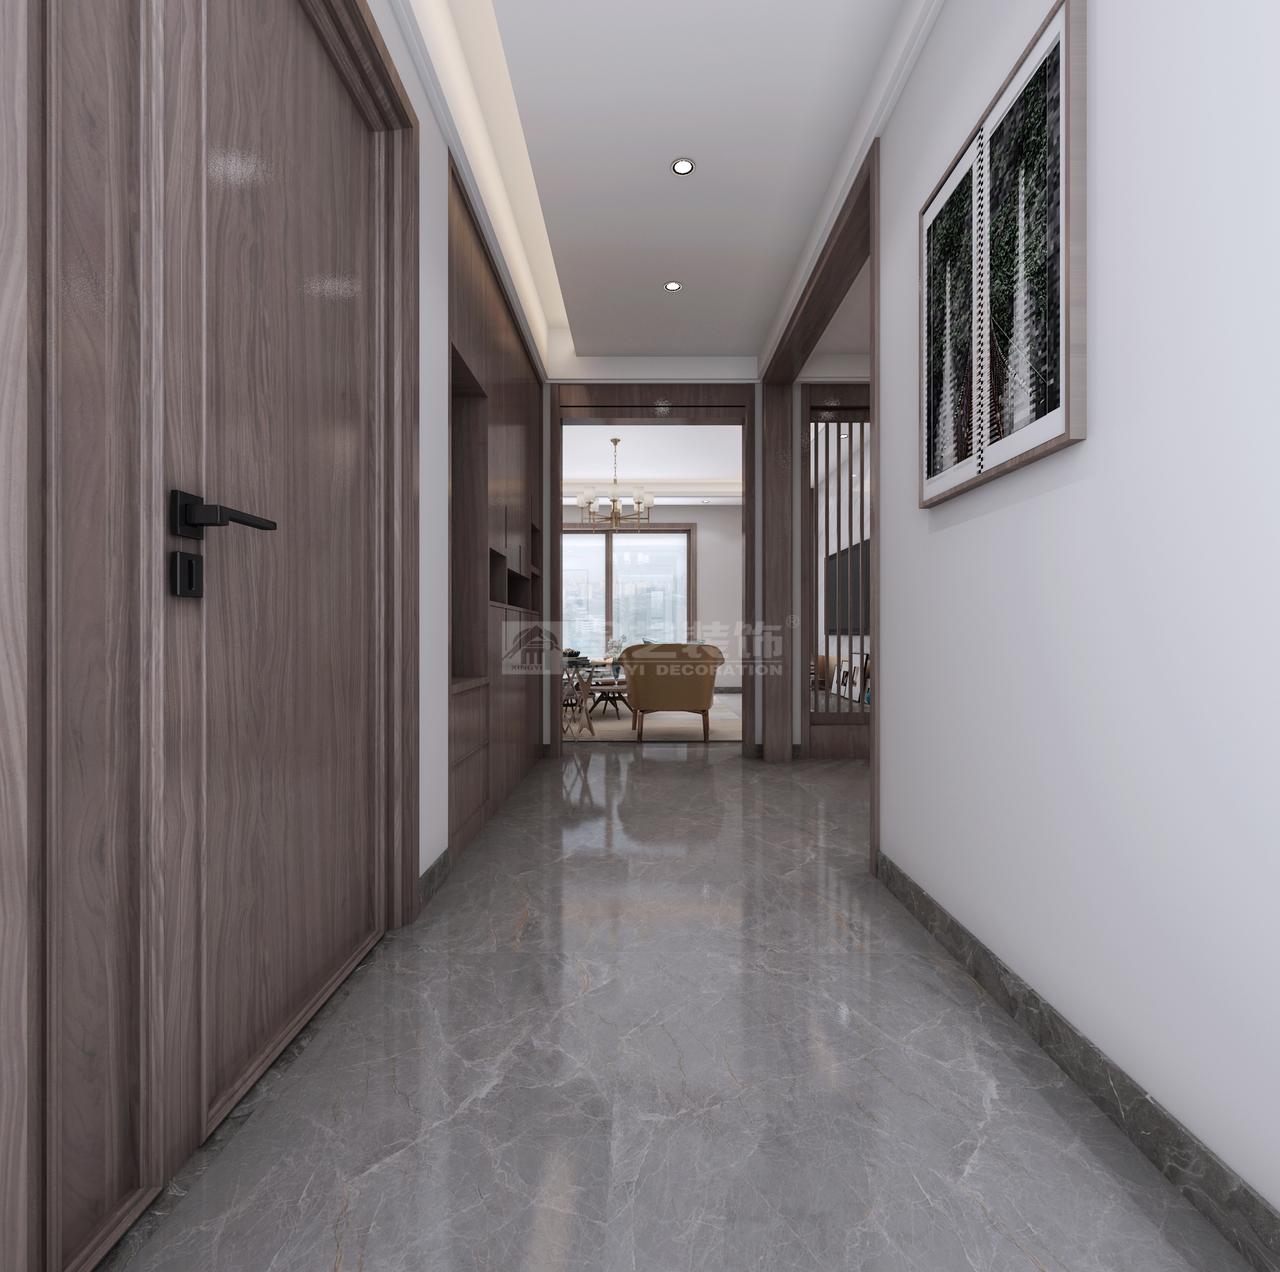 中天未来方舟H现代,现代,单身公寓,137.0㎡